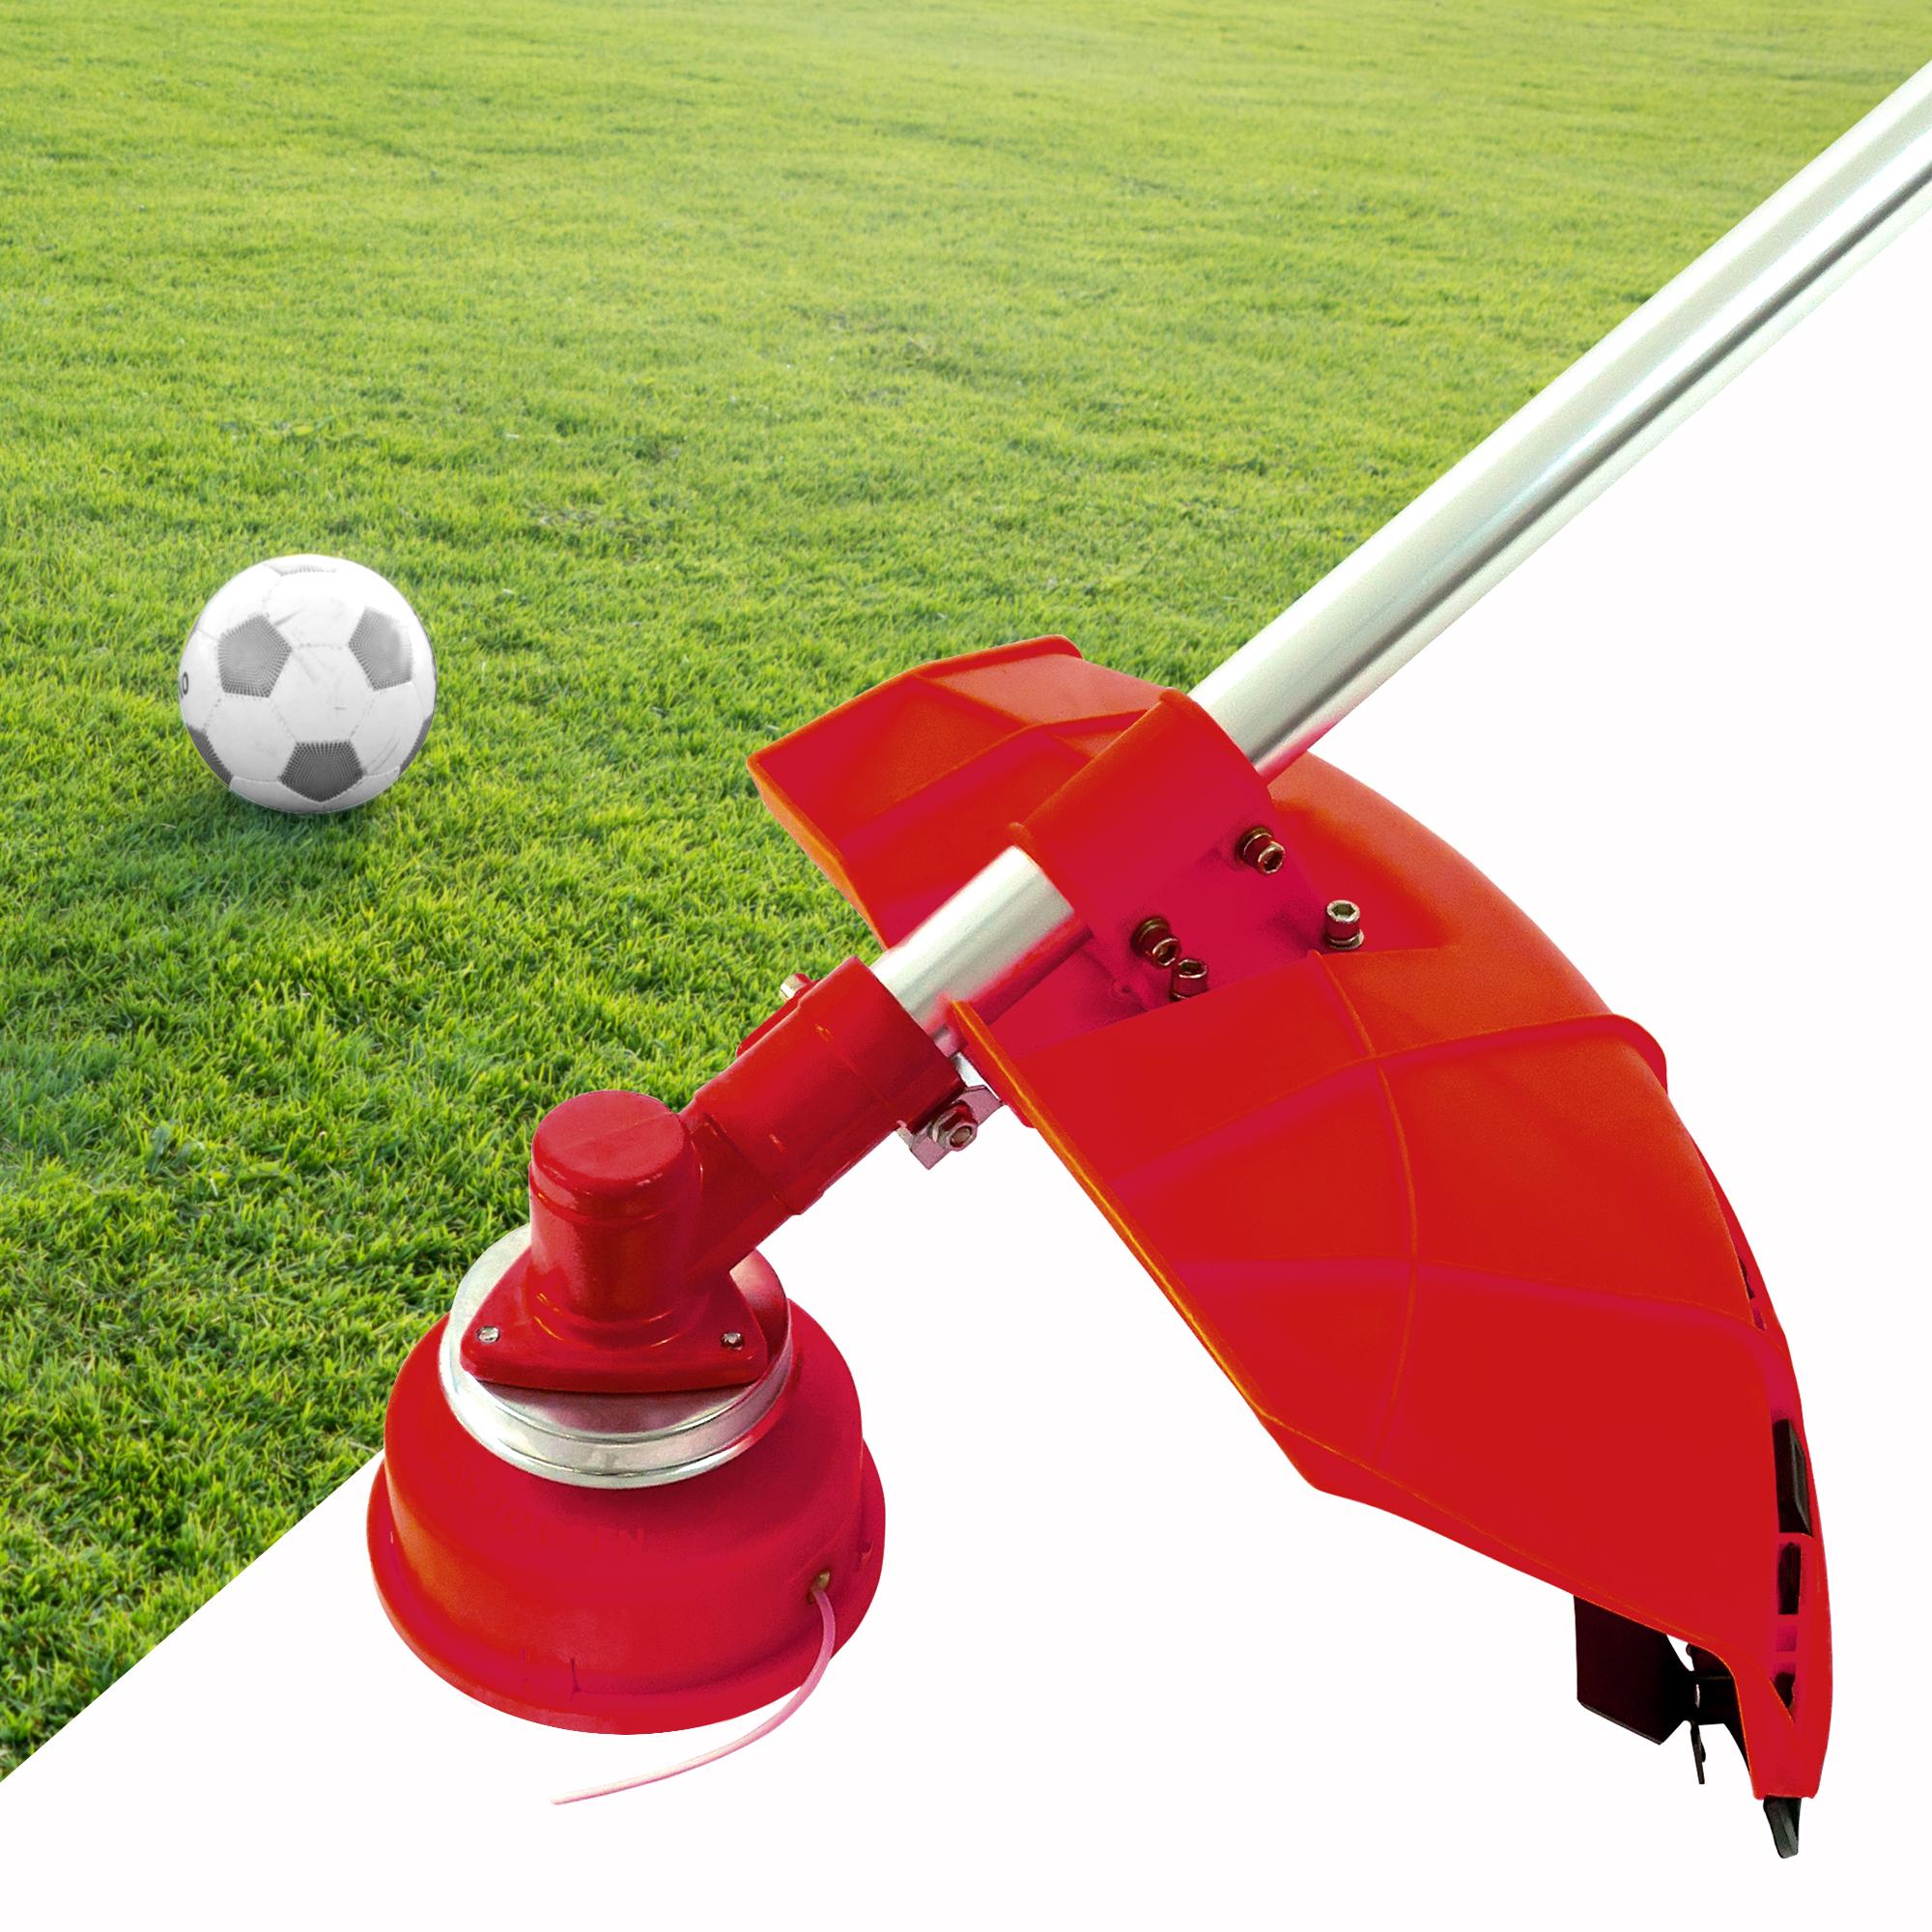 NEMAXX FS2 Fadenspule mit Tippautomatik, Doppelfadenkopf für Benzin Motorsense - Rasentrimmer Fadenkopf, Freischneider Grasschneider, Zubehör Ersatz Spule  - Rot